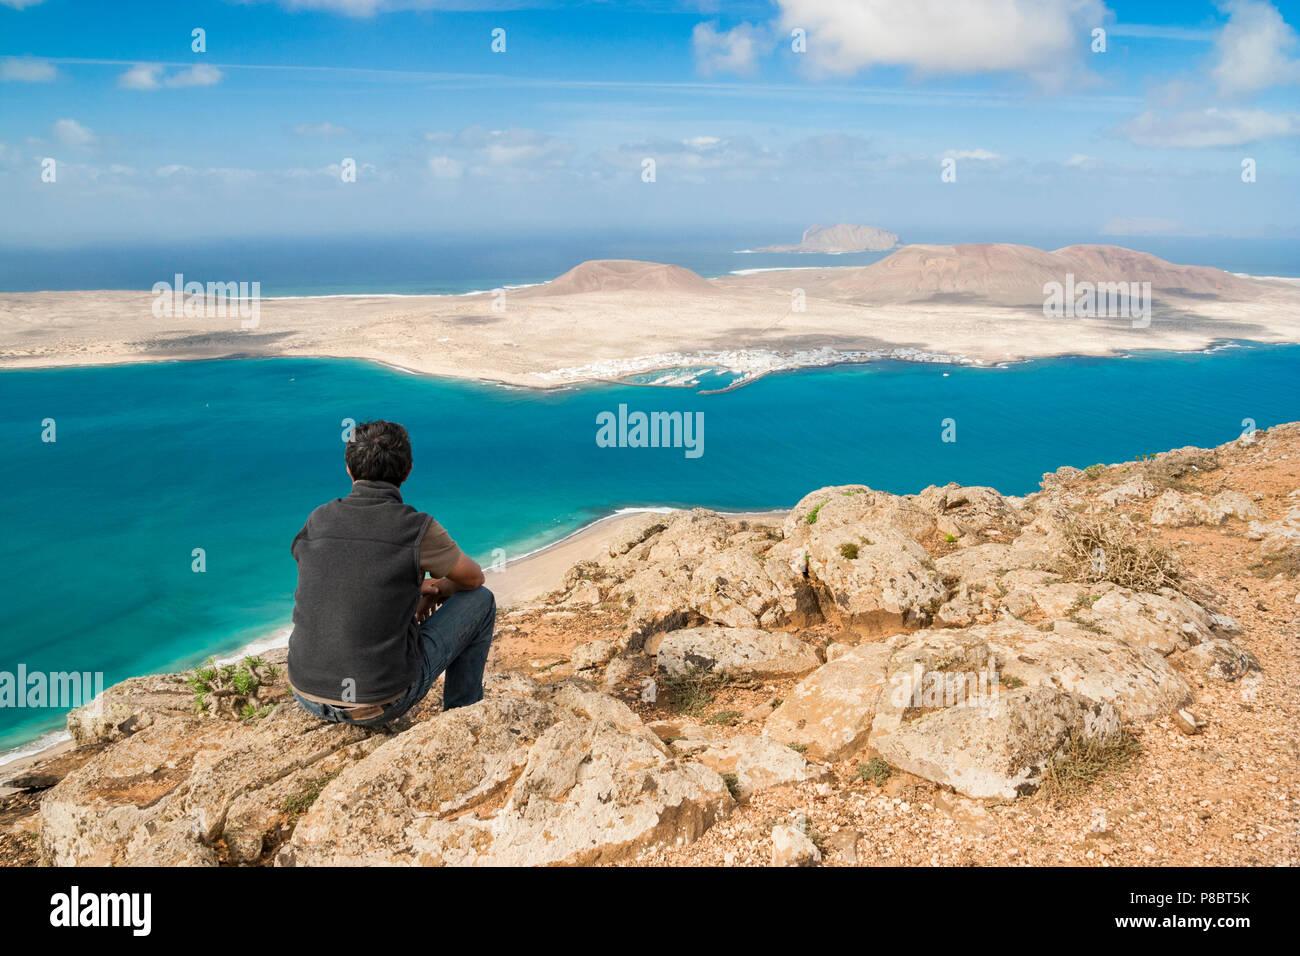 Blick auf die Insel La Graciosa und die Inselgruppe Chinijo von der Nordküste von Lanzarote, Kanarische Inseln, Spanien Stockbild